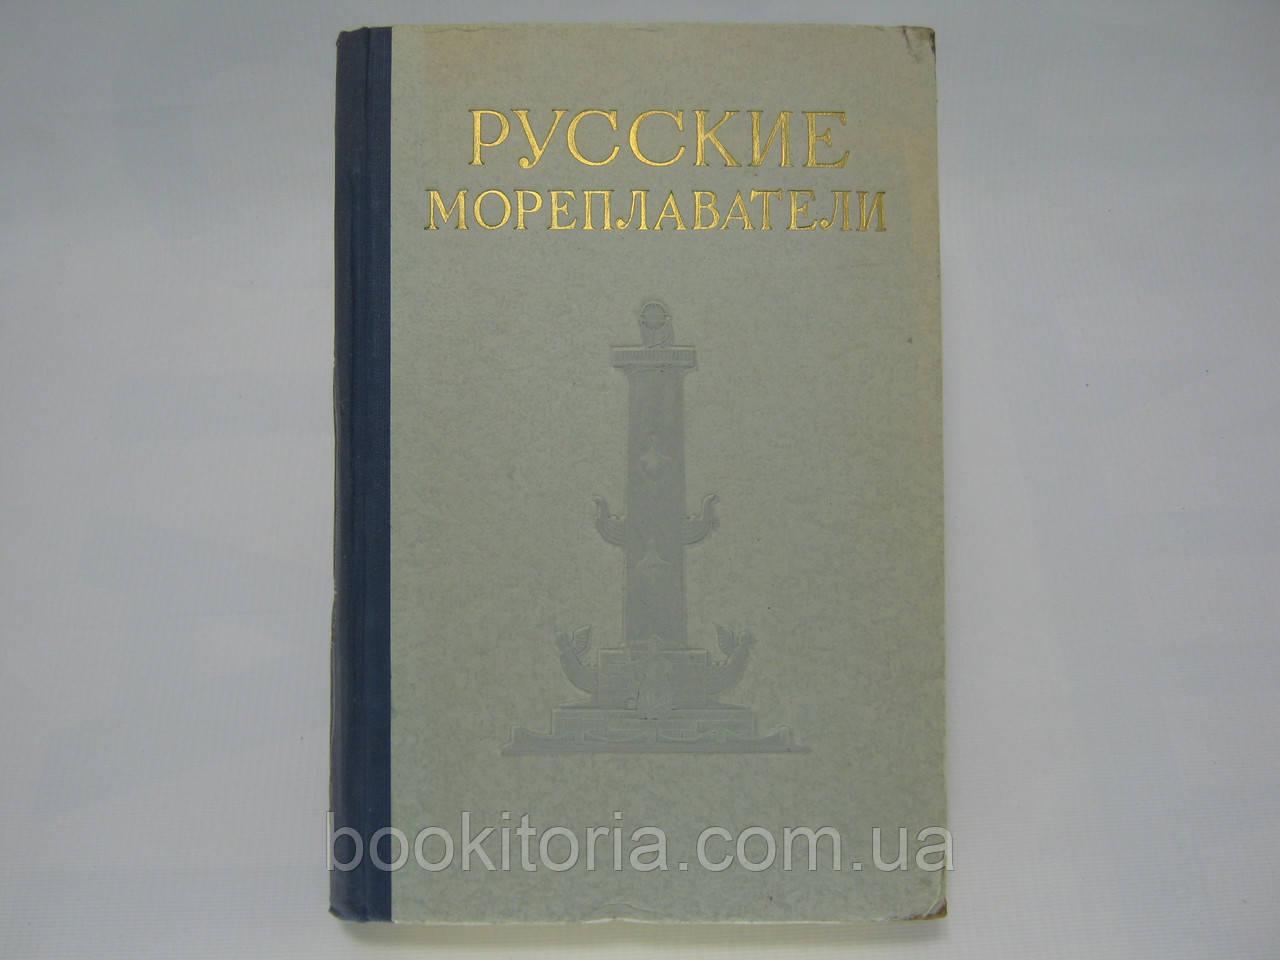 Русские мореплаватели (б/у).